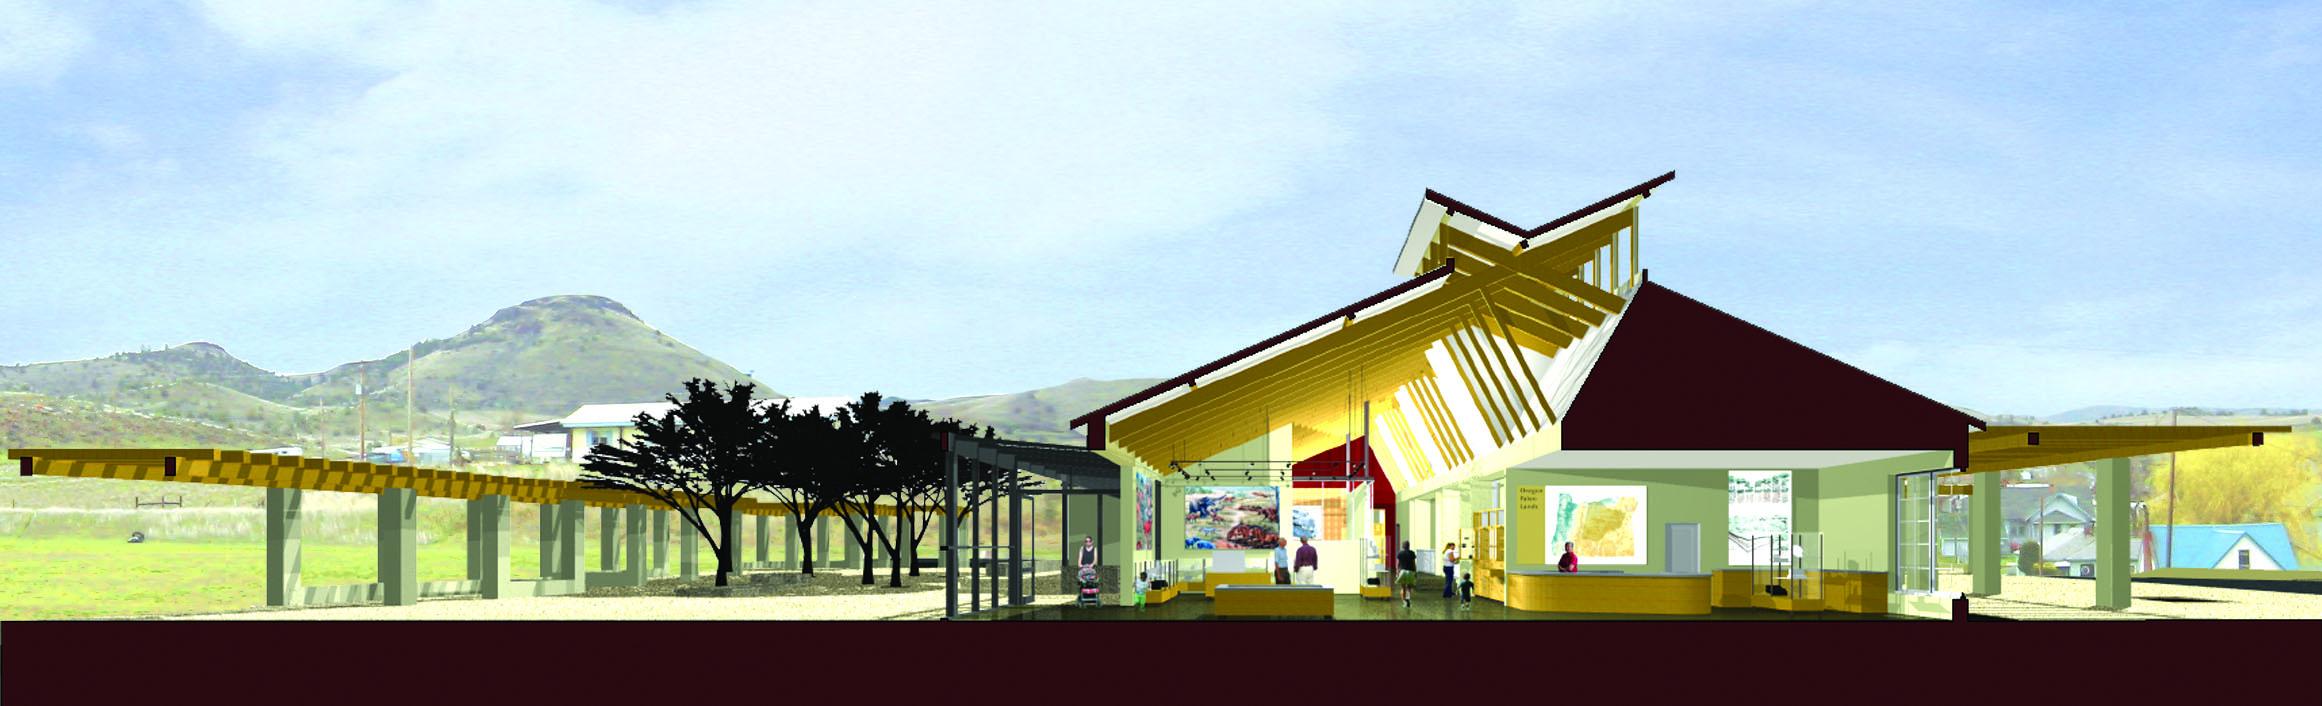 Paleo Lands Institute